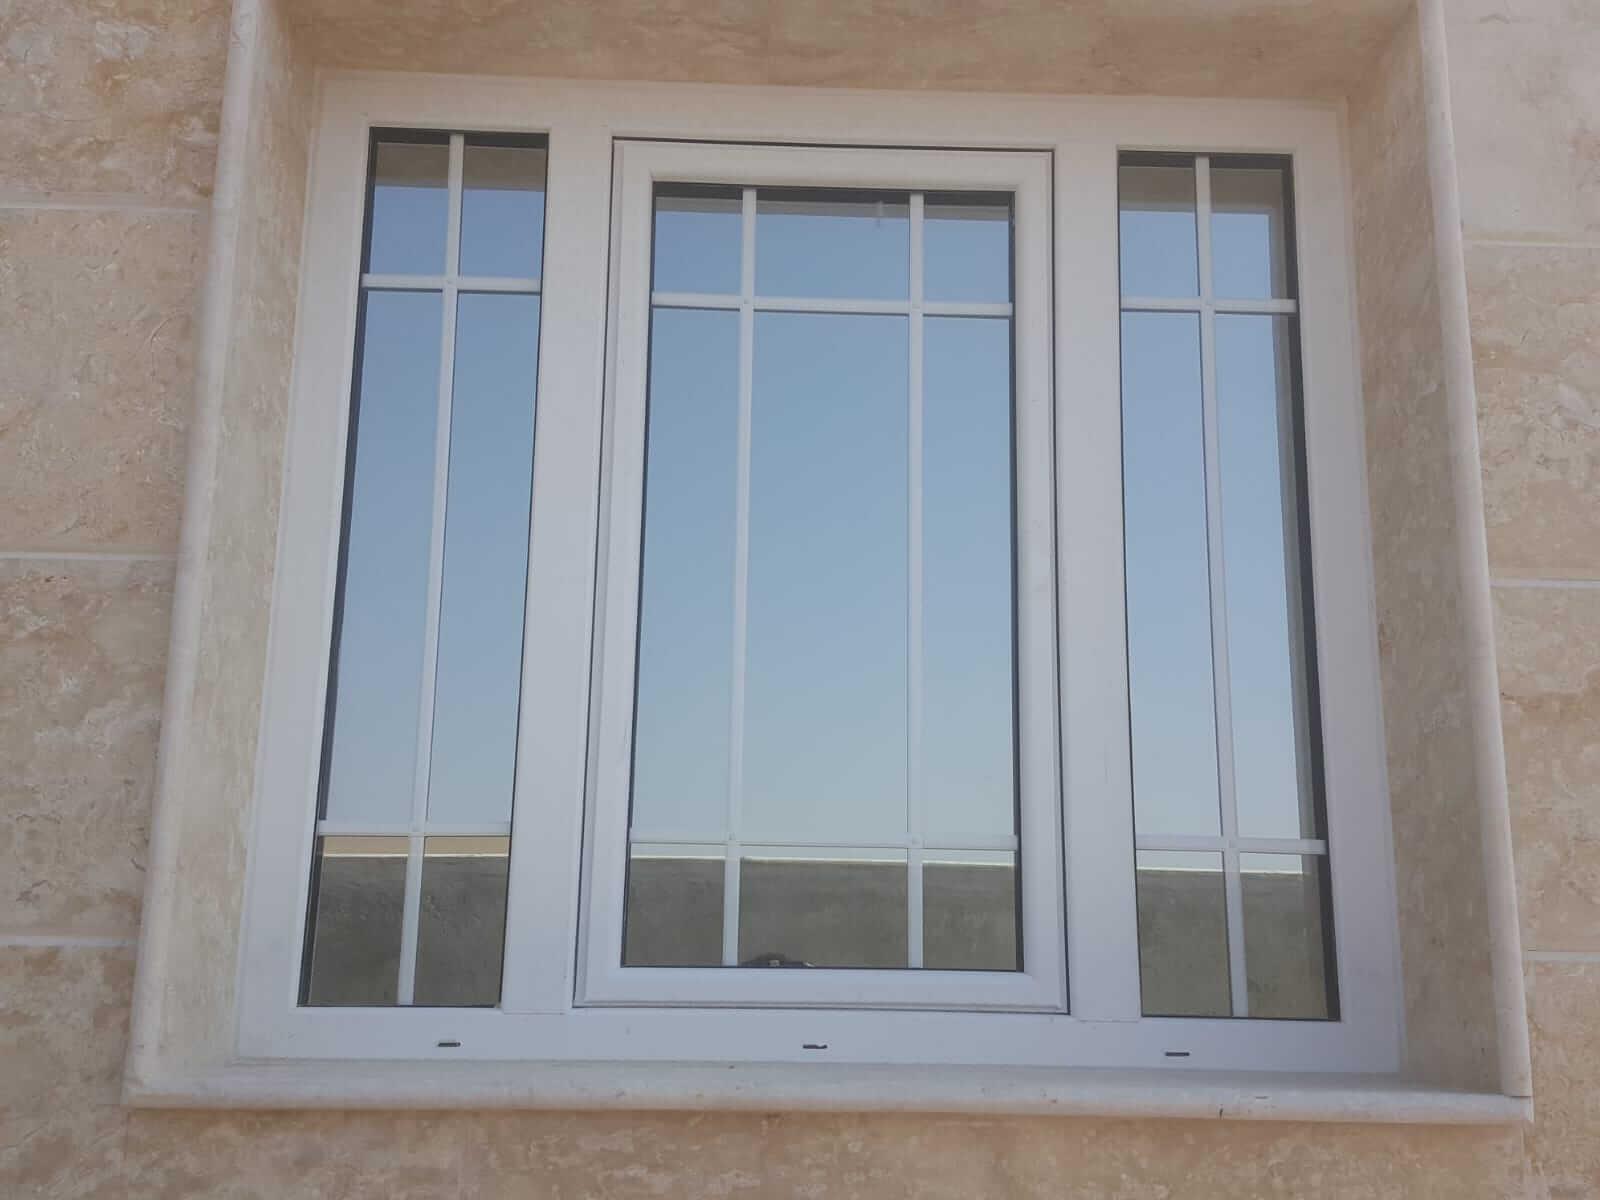 الشبابيك والنوافذ